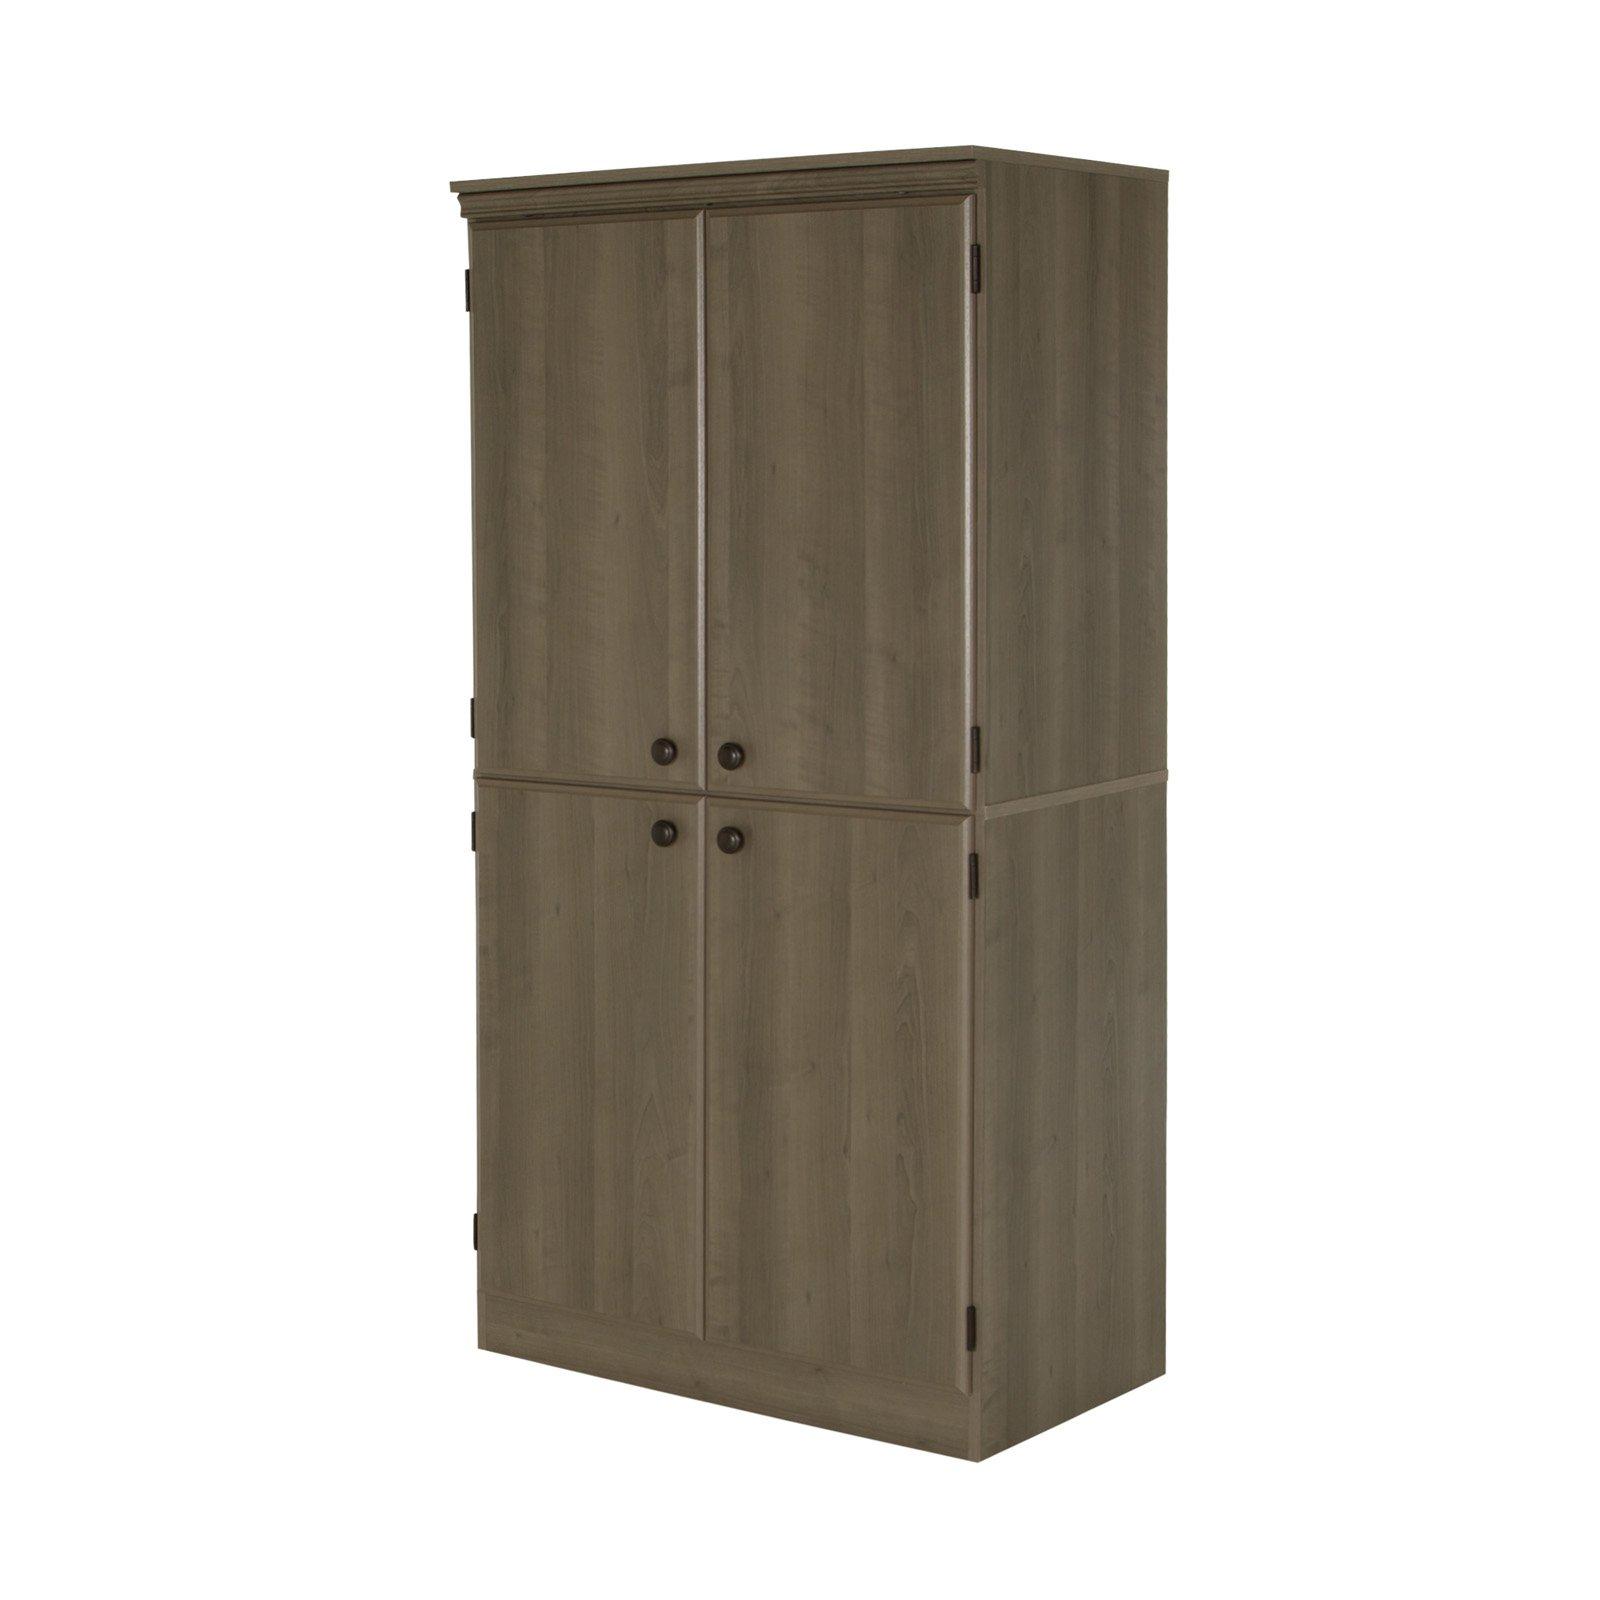 South Shore Morgan 4 Door Storage Cabinet Storage Cabinets Storage Door Storage